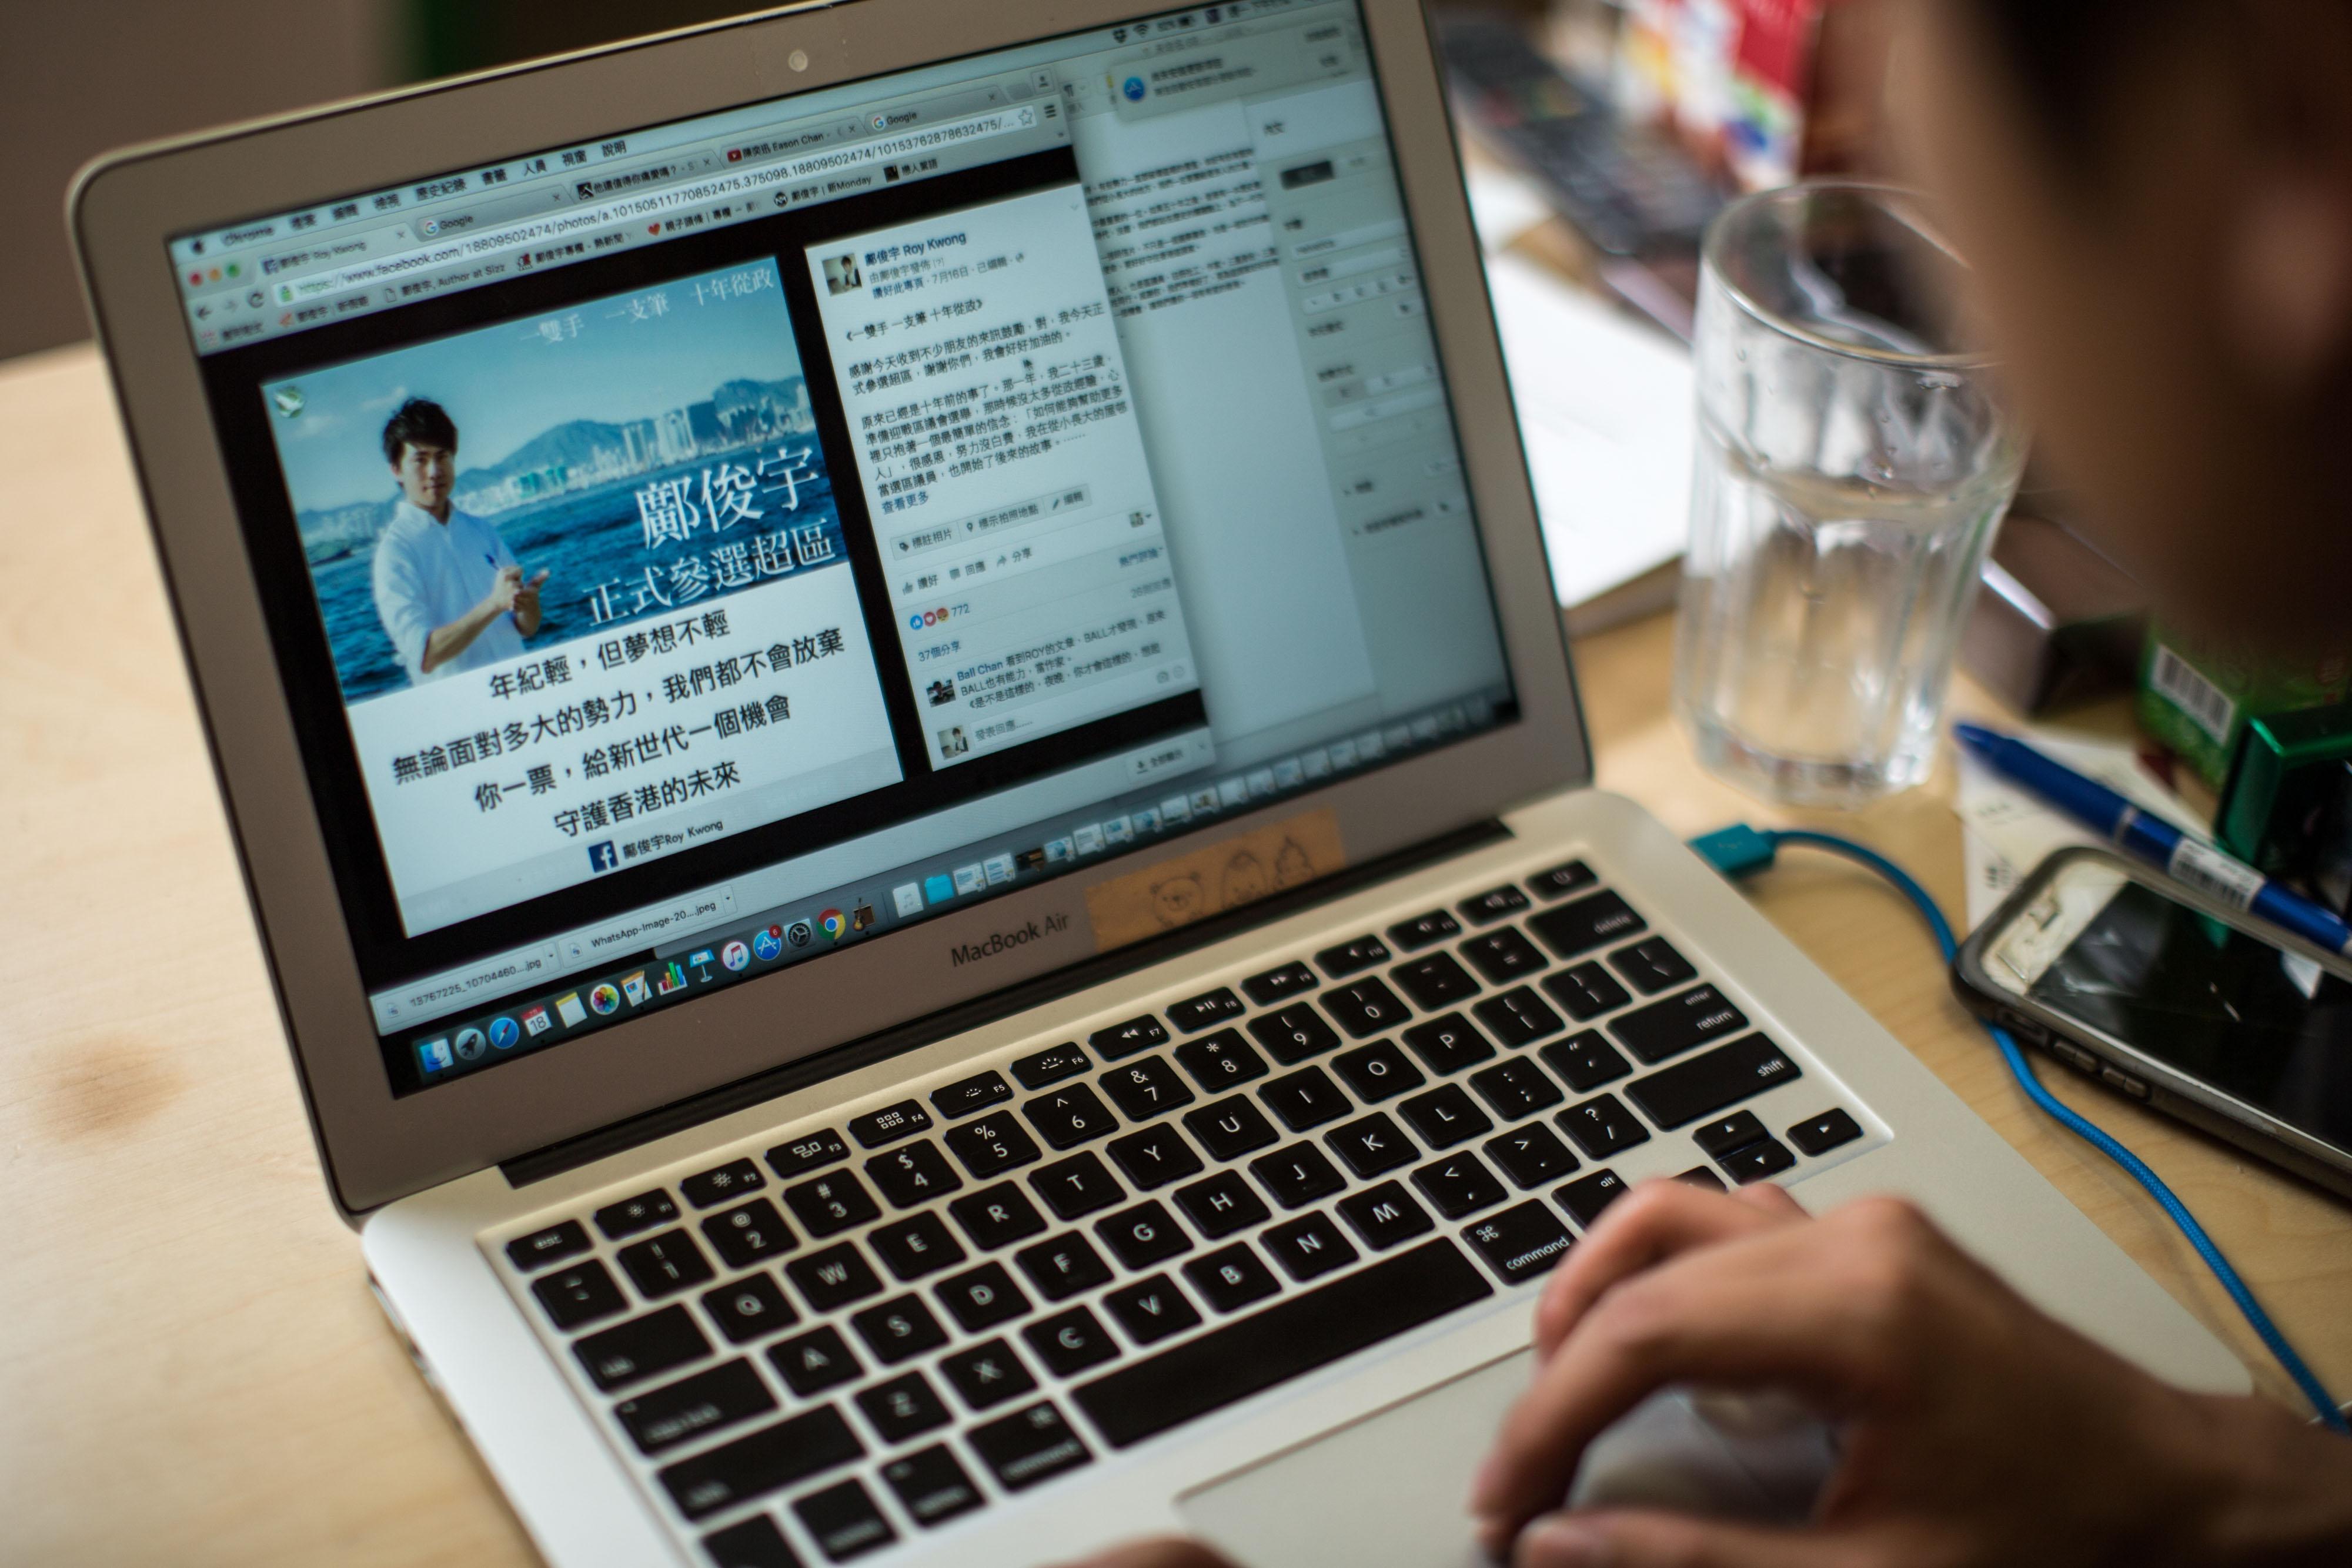 鄺俊宇這名字一直活躍於網絡世界,他的專頁有16萬5千個讚好,比不少歌星藝人更「紅」。